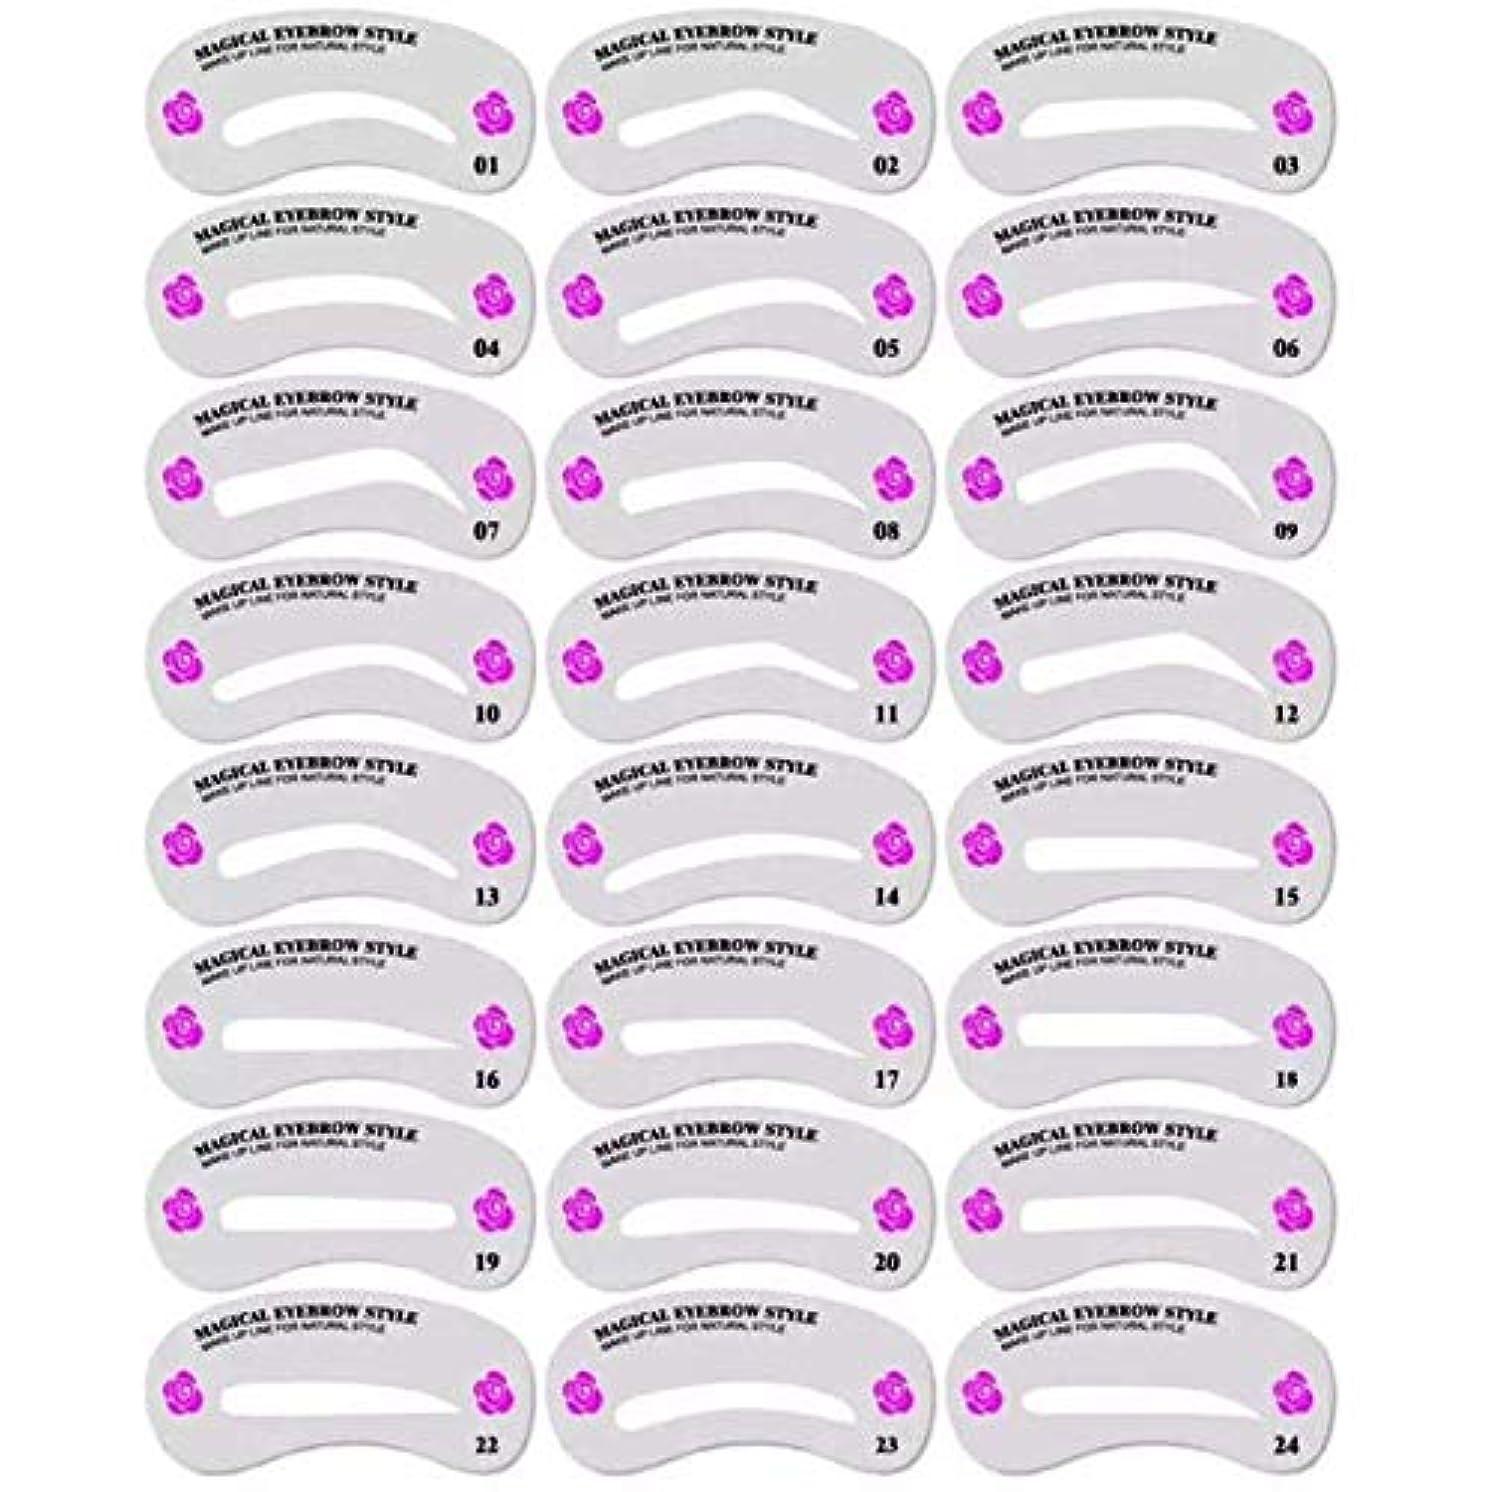 サルベージ未使用道に迷いました眉毛テンプレート 24種類 美容ツール メイクアップ ガイド 眉毛を気分で使い分け 男女兼用 (24枚セット)